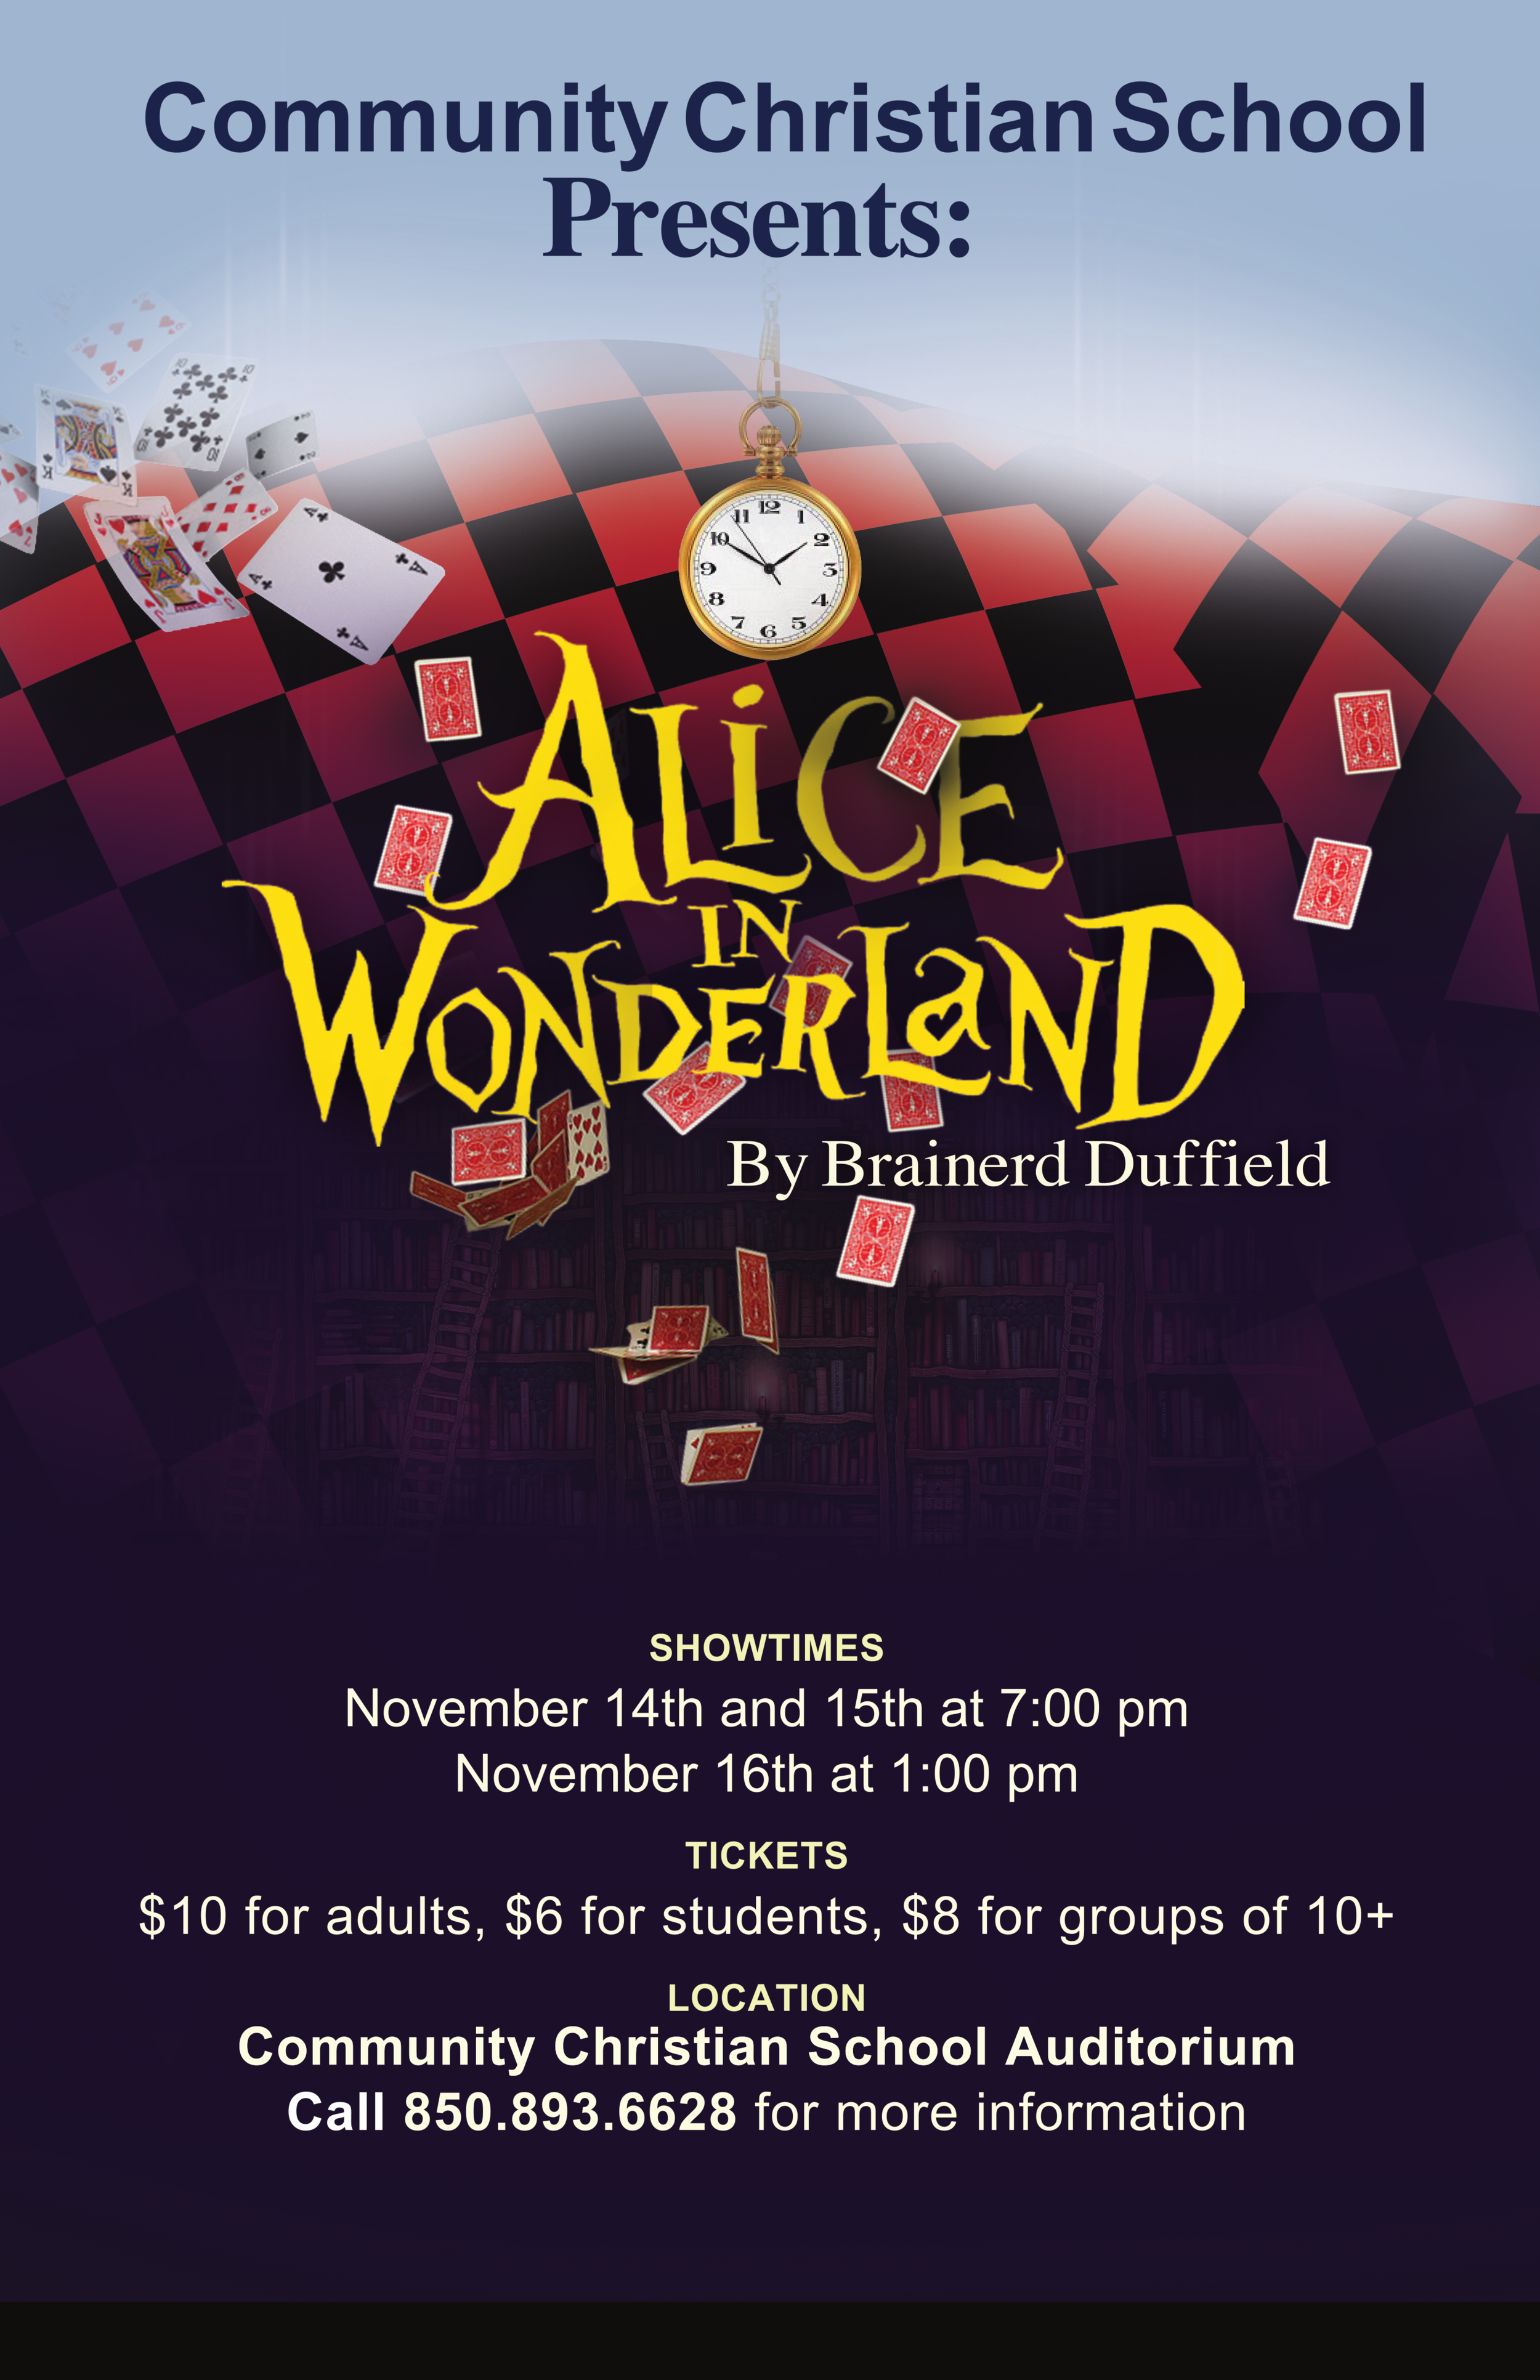 ALICE IN WONDERLAND - NOV 14-16